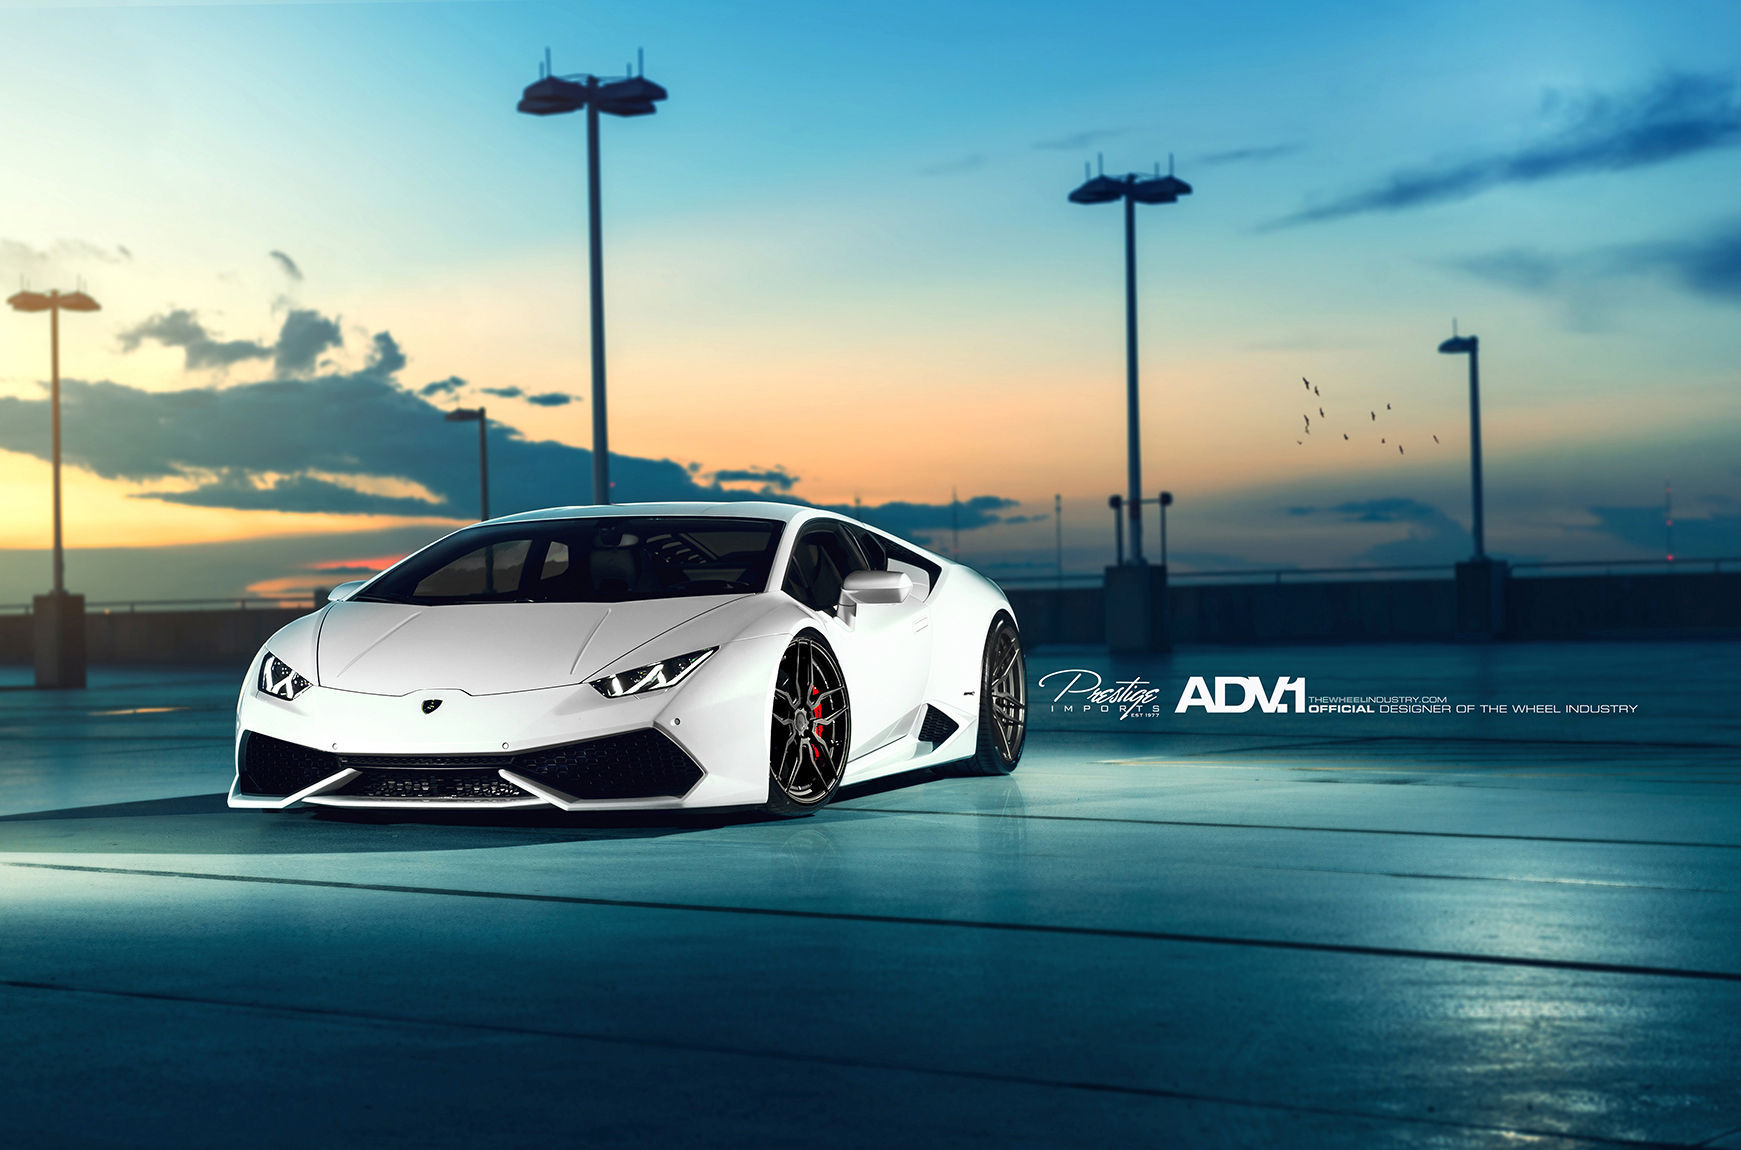 2015 Lamborghini Aventador | Lamborghini Huracan